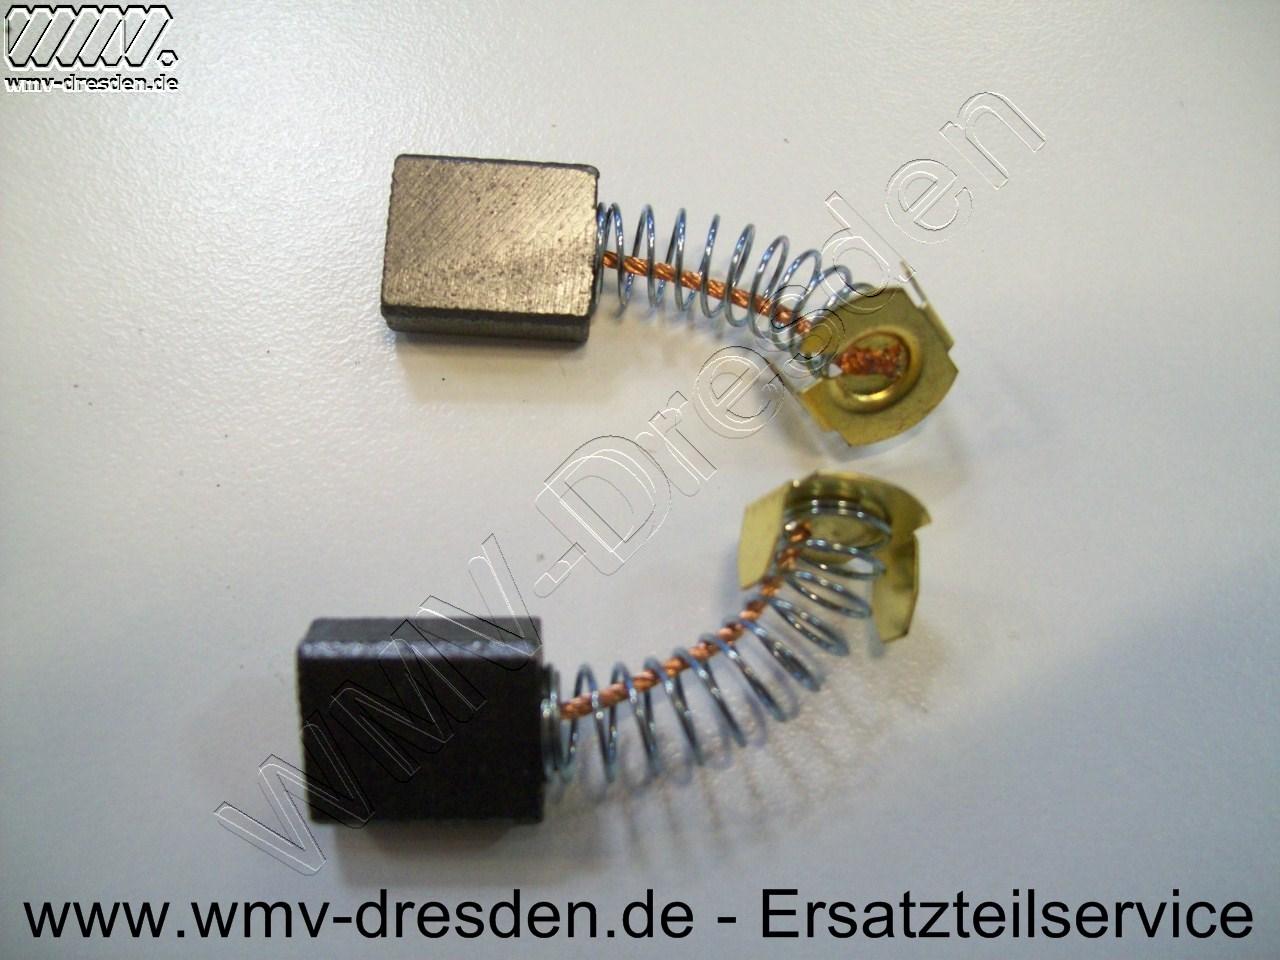 Kohlebürstenpaar für TRZS 1600, 1800, 1800 L - Artikel nicht mehr lieferbar - kein Alternativartikel bekannt.